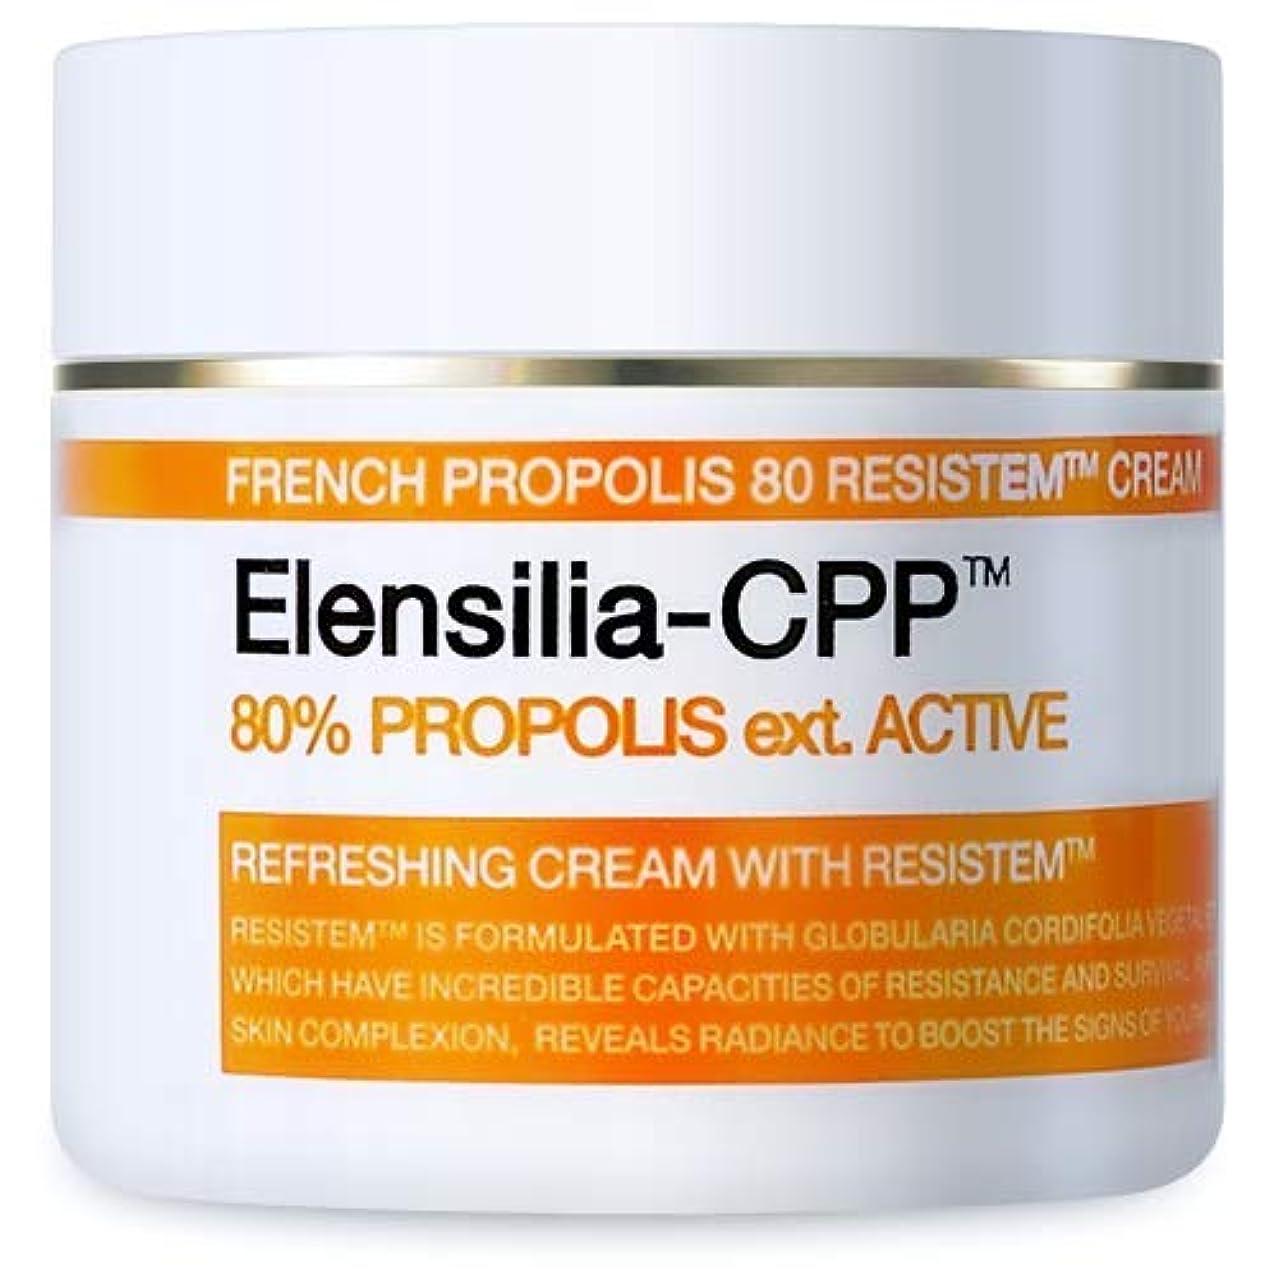 システム倫理調整可能Elensilia CPP フレンチ プロポリス 80 リシステム クリーム / CPP French Propolis 80 Resistem Cream (50g) [並行輸入品]